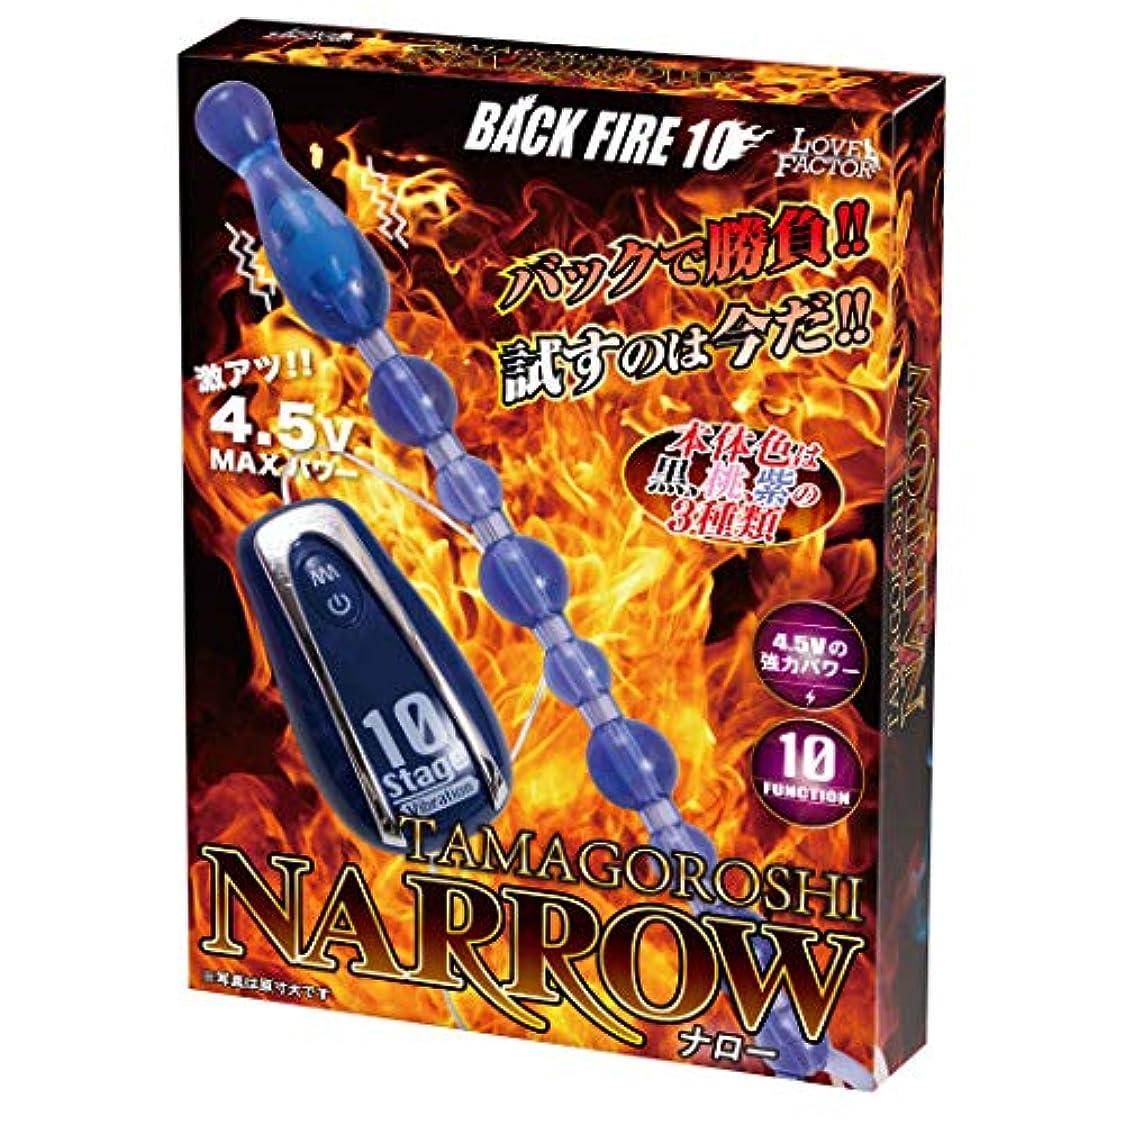 準備した自伝レディBACK FIRE TAMAGOROSHI NARROW (ナロー) 紫 アナル拡張 アナル開発 プラグ SM調教 携帯式 野外プレー 男女兼用